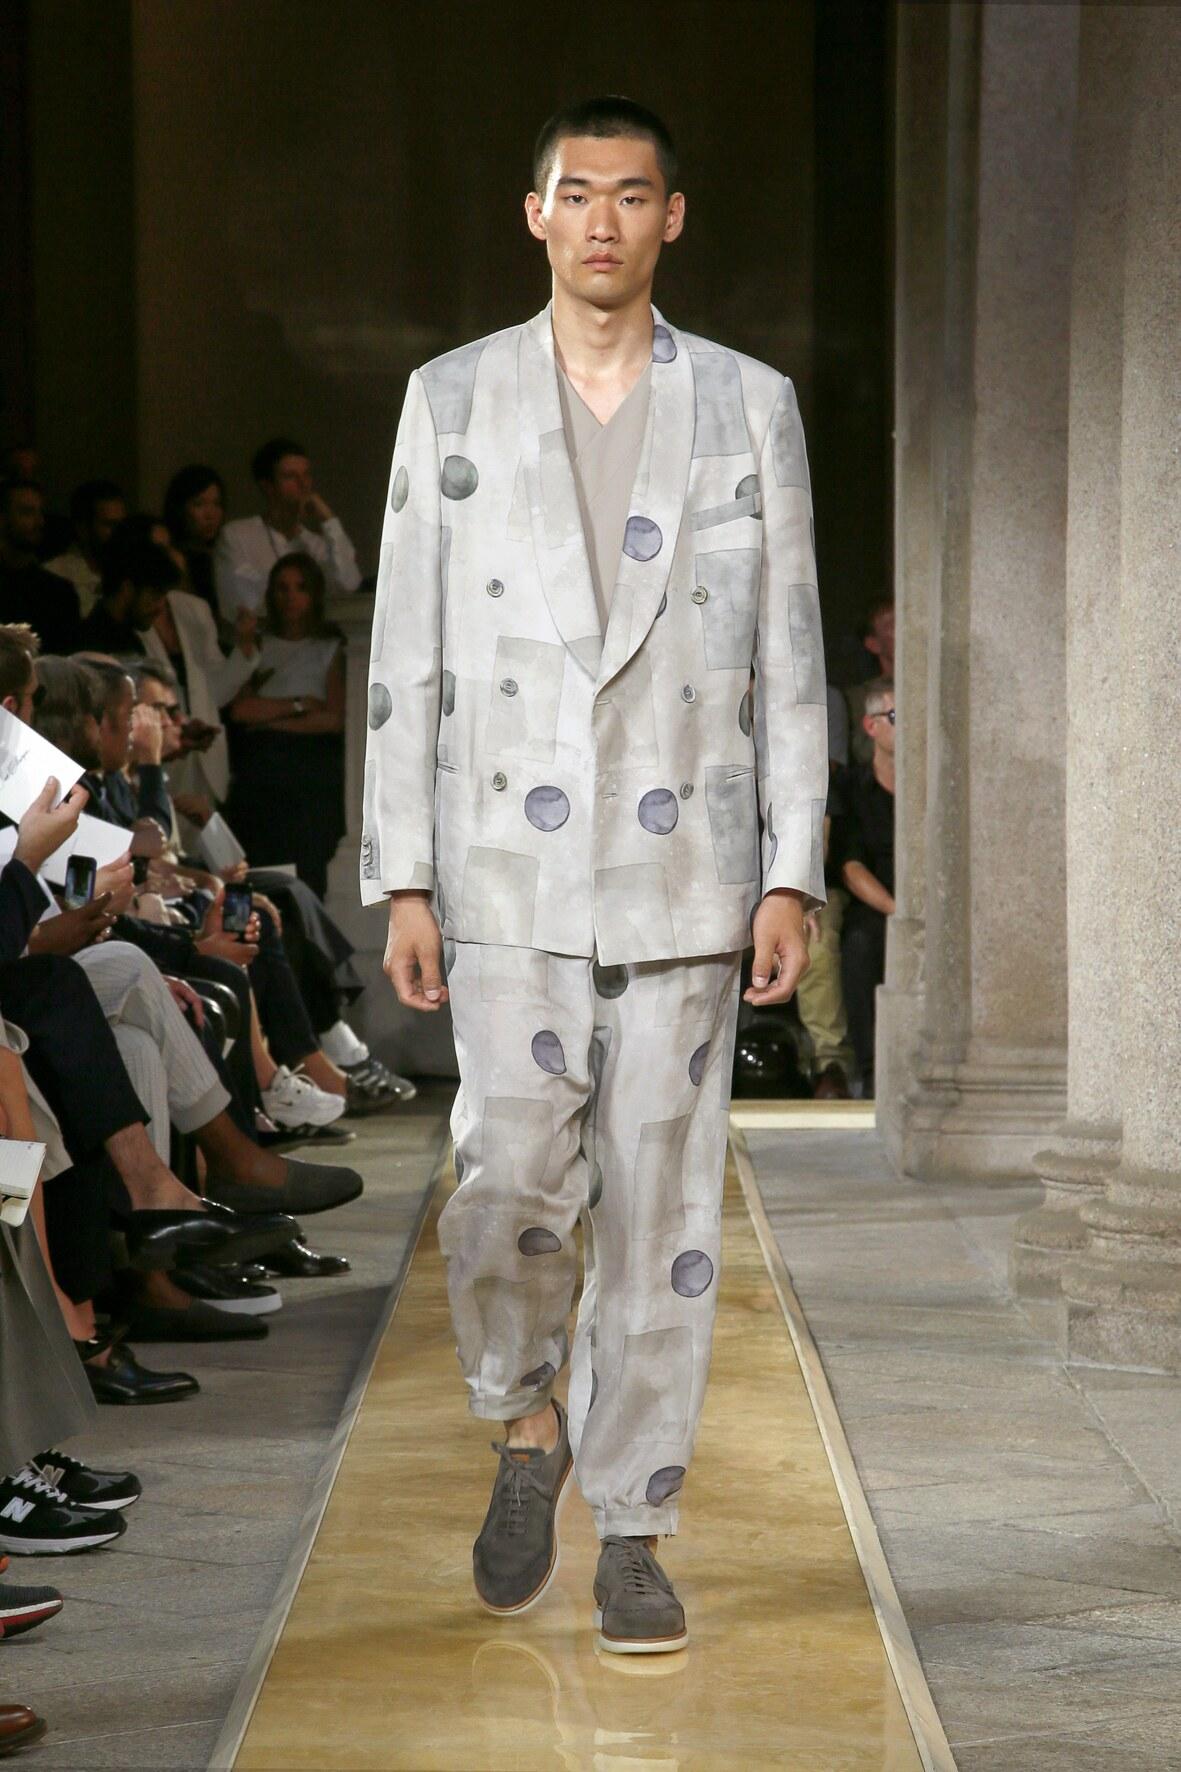 Giorgio Armani Menswear Collection Trends Summer